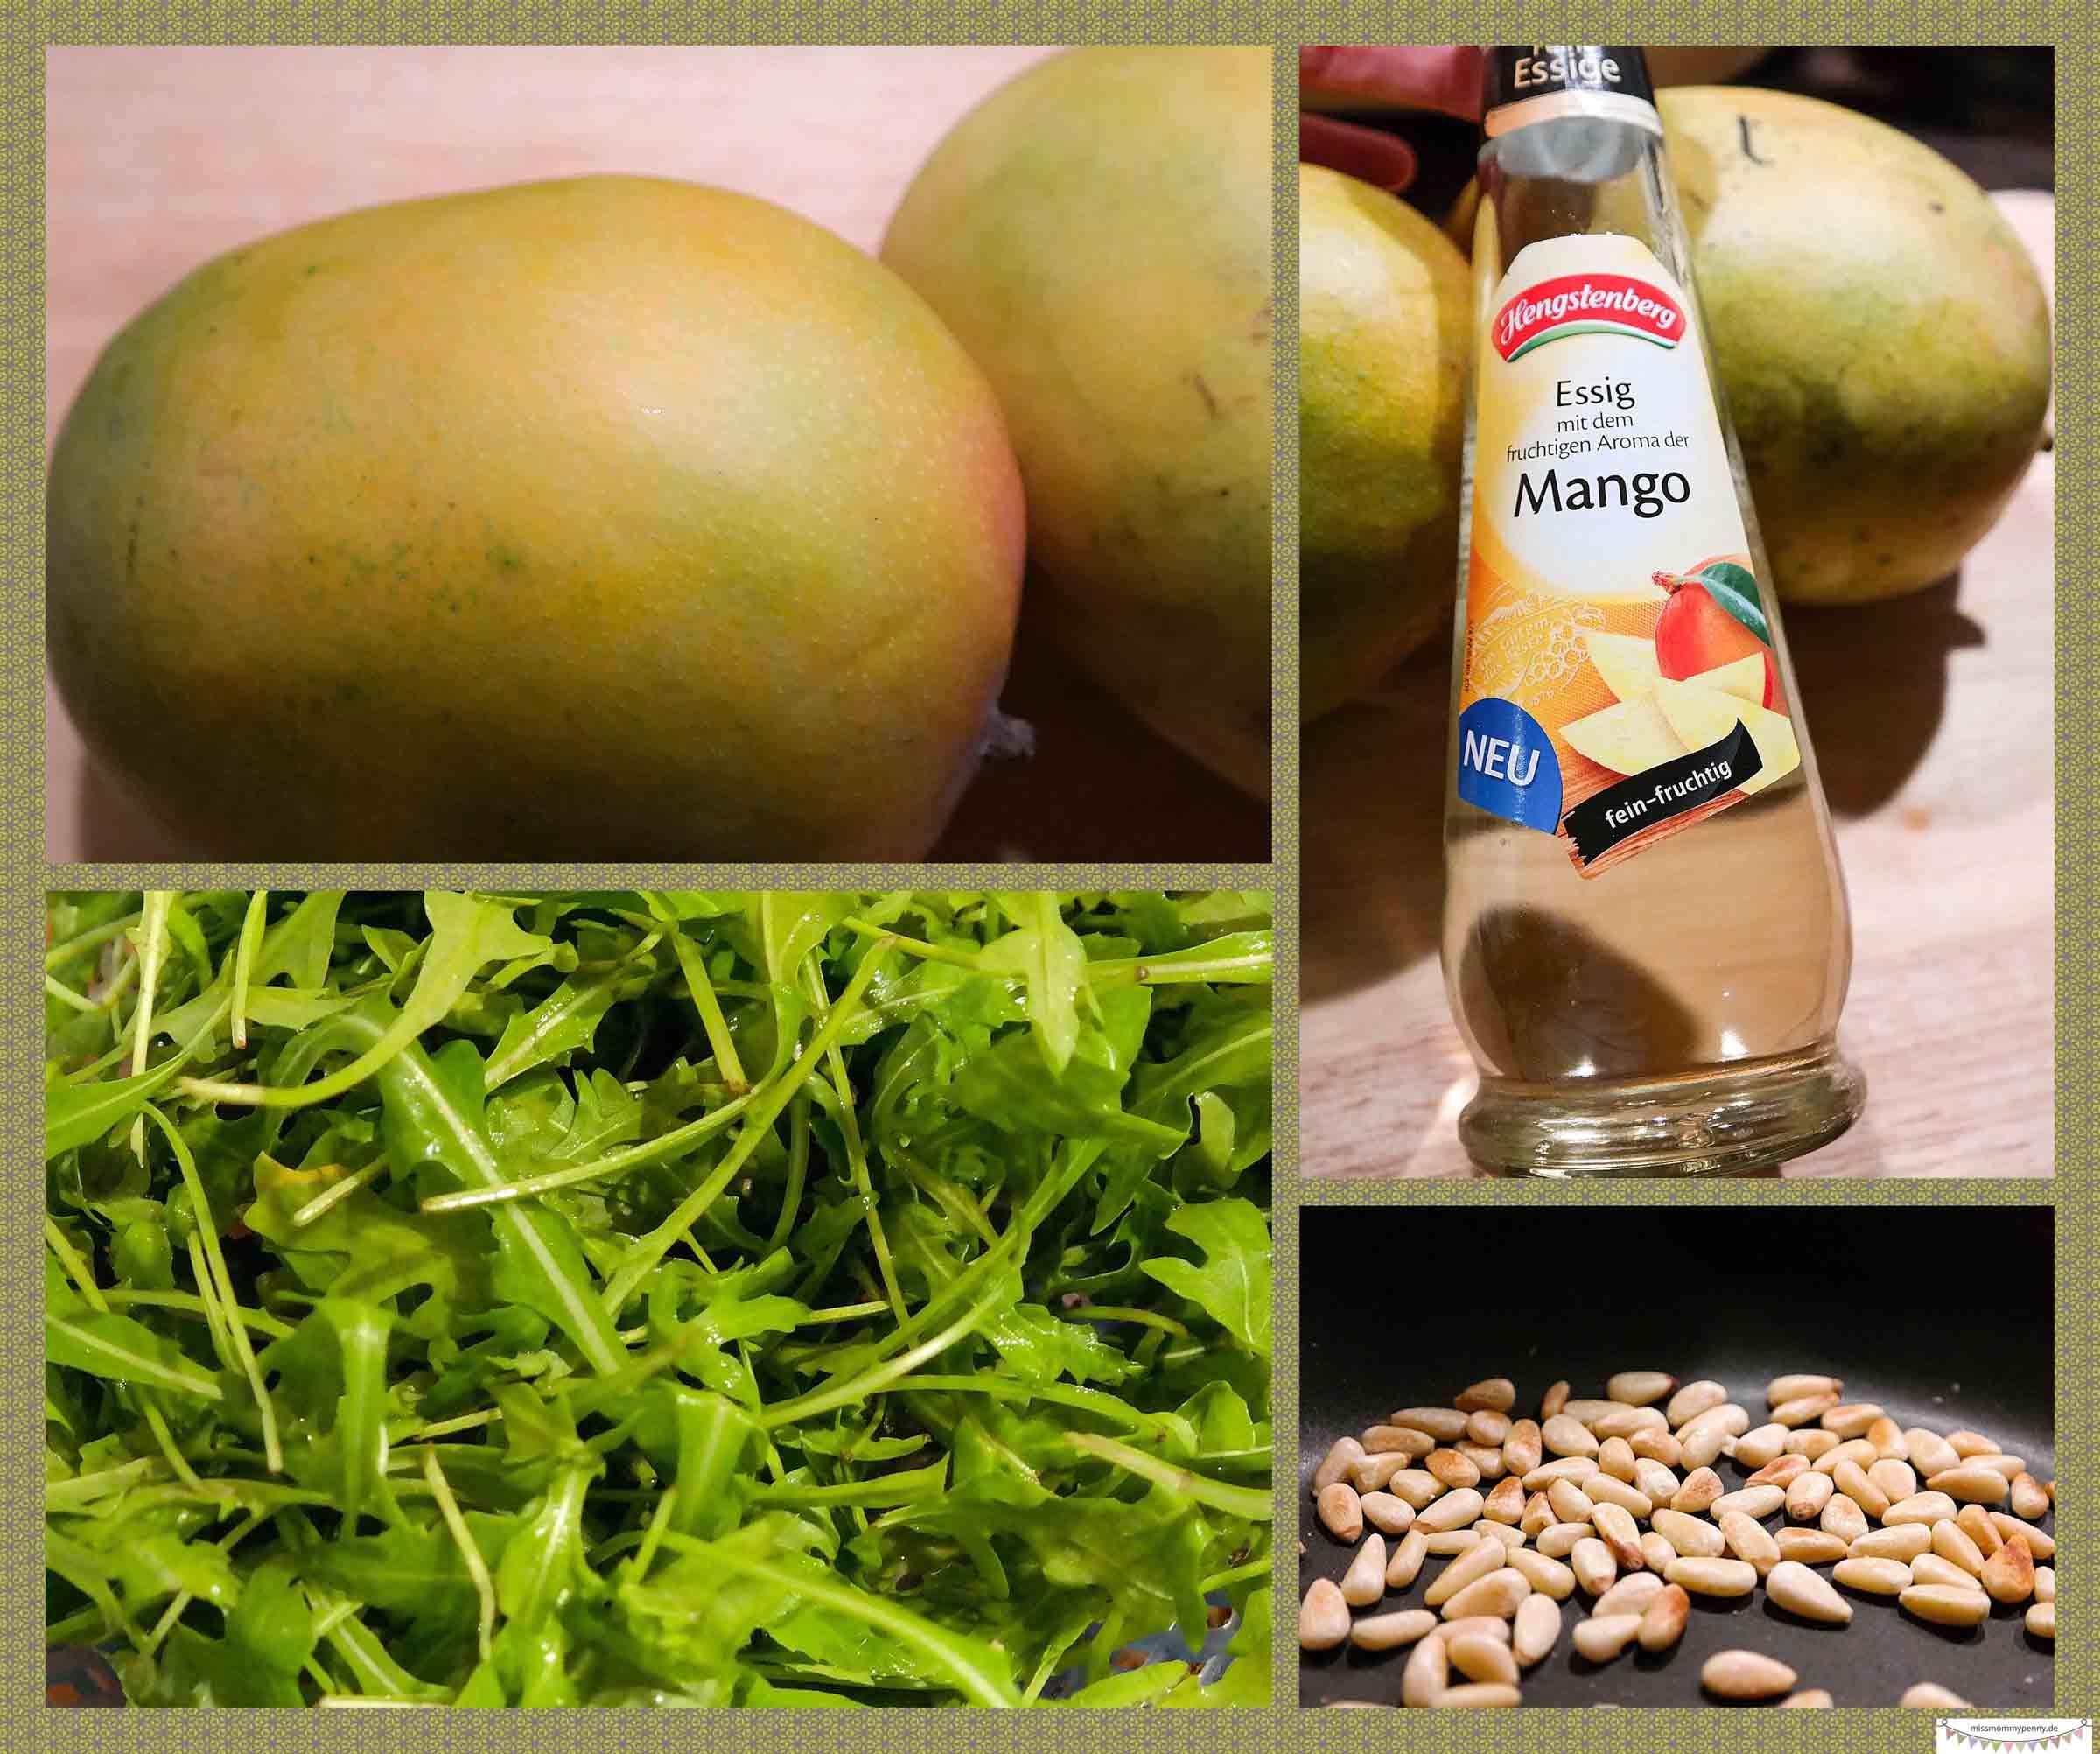 Mango-Mozzrella-Rucola Salat mit Hengstenberg Essig